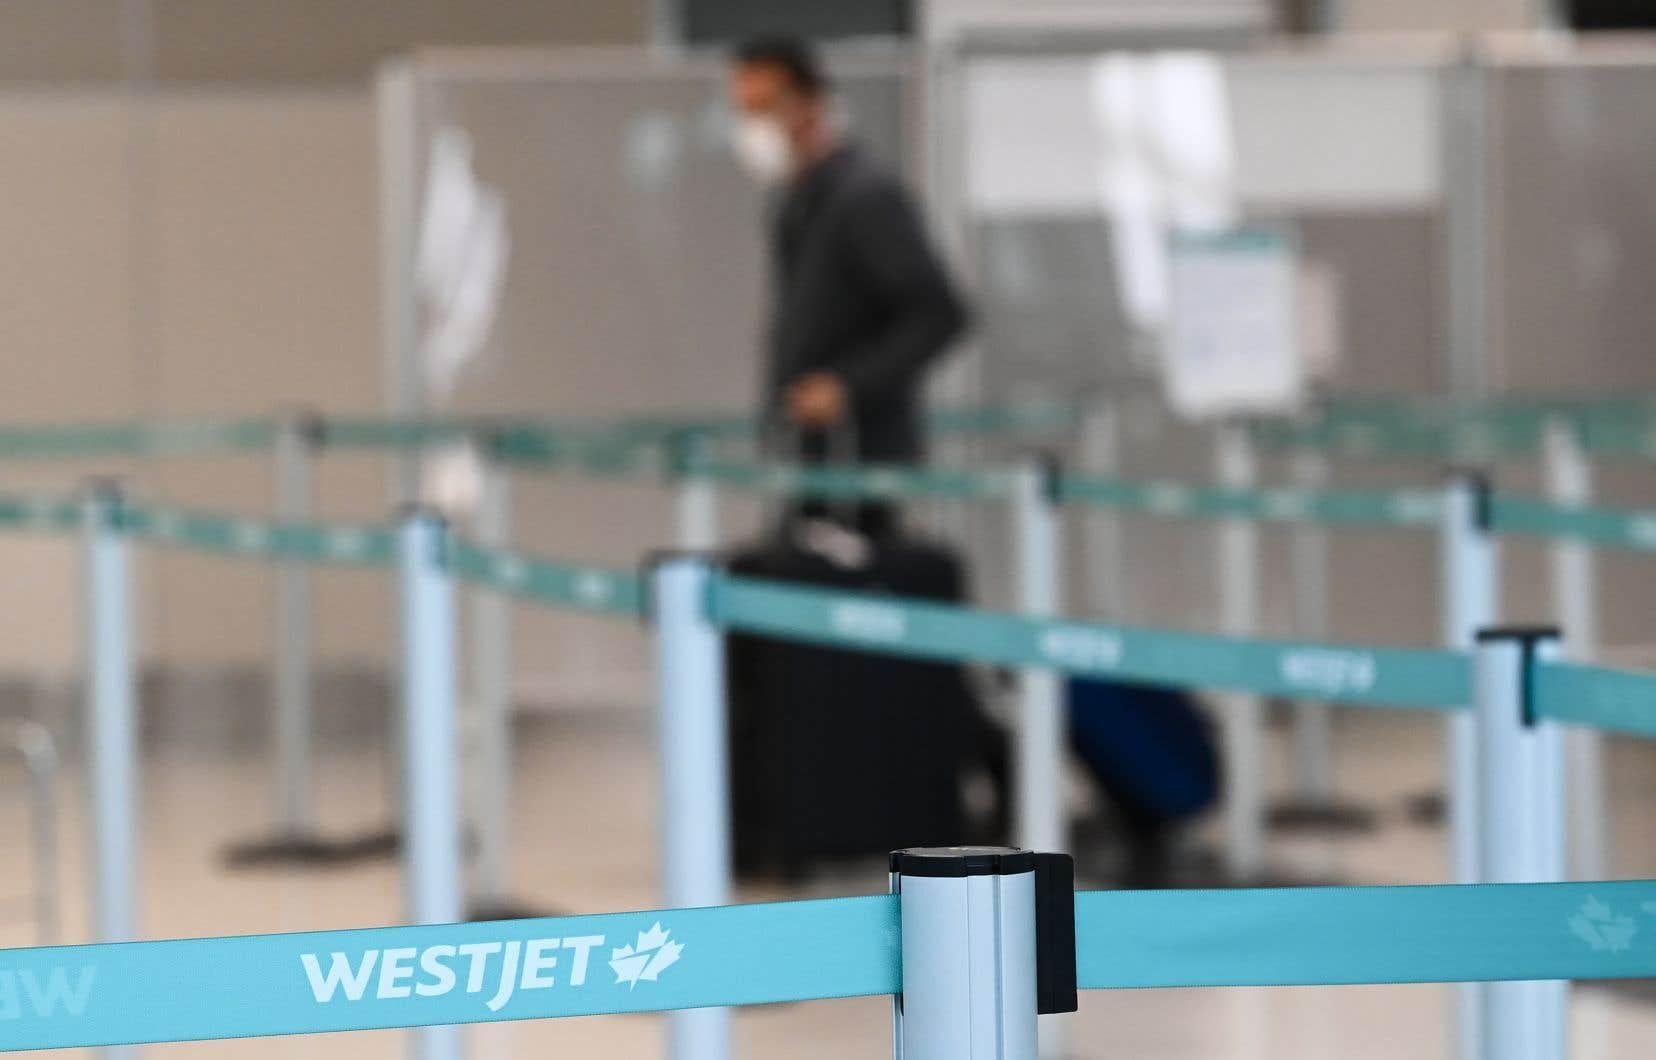 WestJet est la première compagnie aérienne au Canada à offrir des remboursements pour l'annulation de ses vols nationaux dans le contexte de la pandémie.